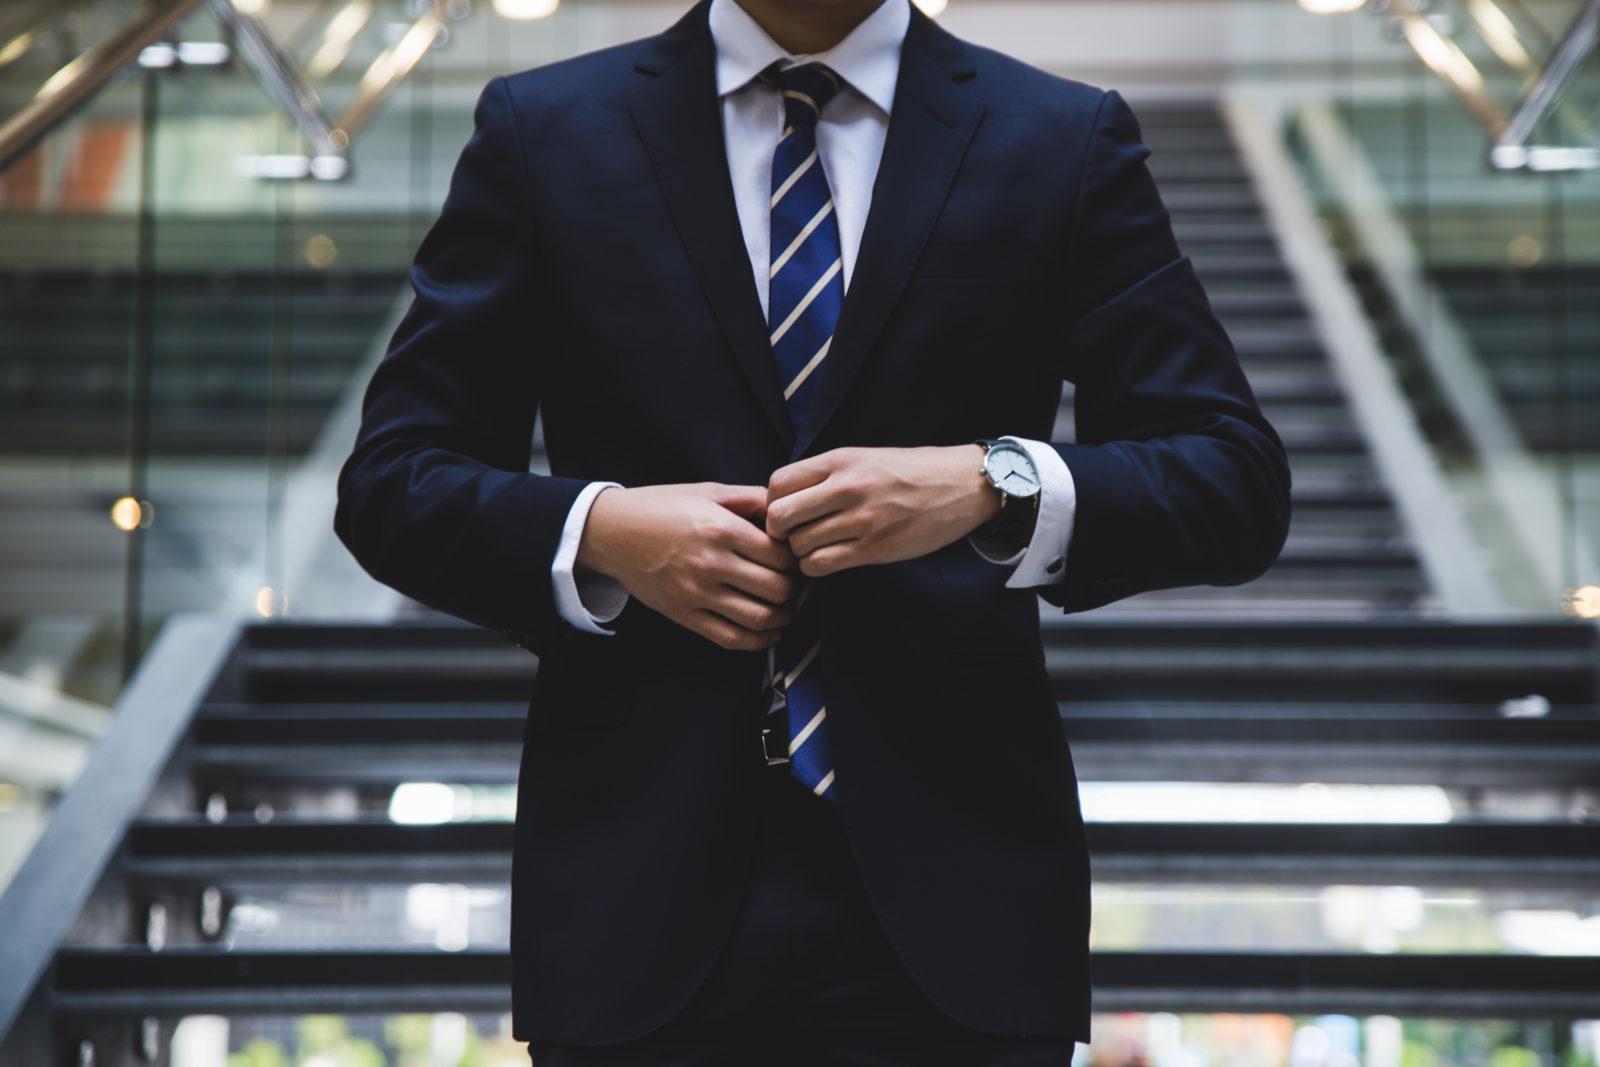 Ein Mann steht, das Gesicht dabei ist nicht erkennbar und knöpft sich das Jackett zu